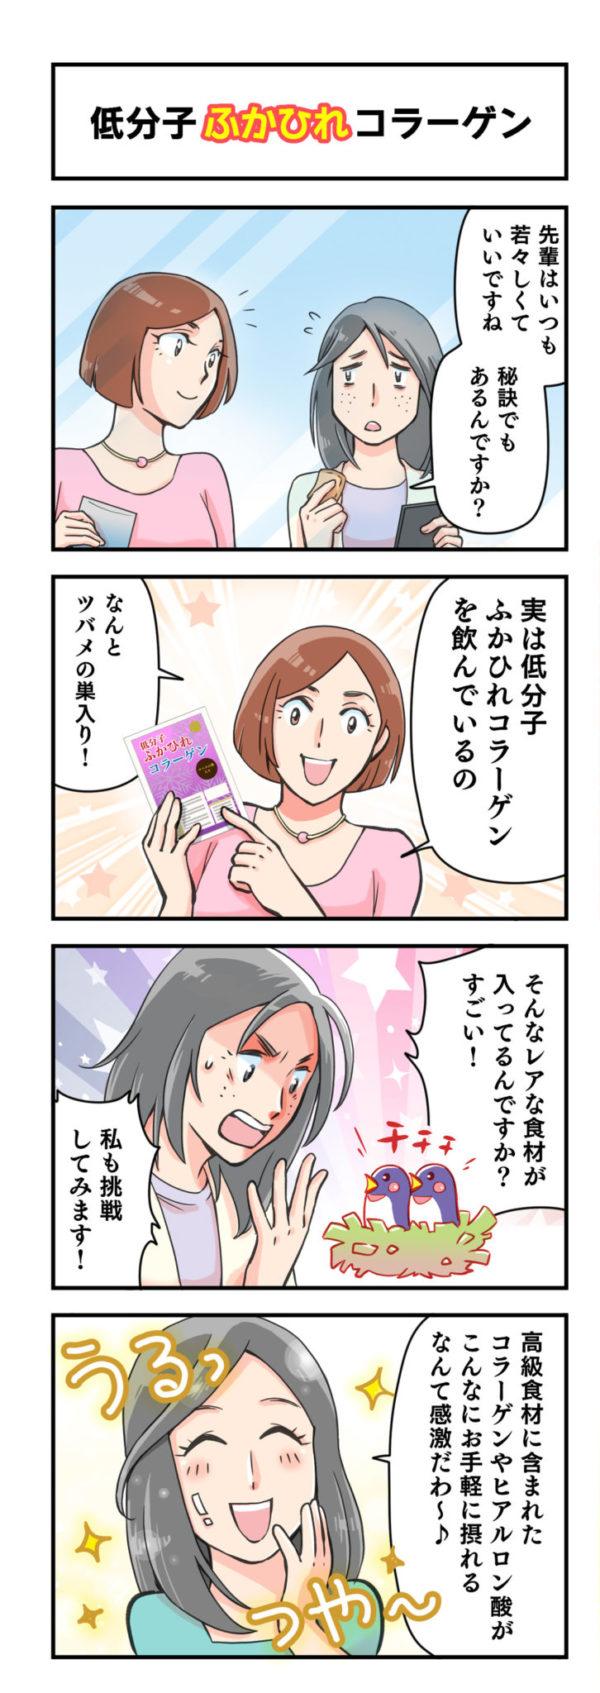 「低分子ふかひれコラーゲン」商品紹介4コマ漫画